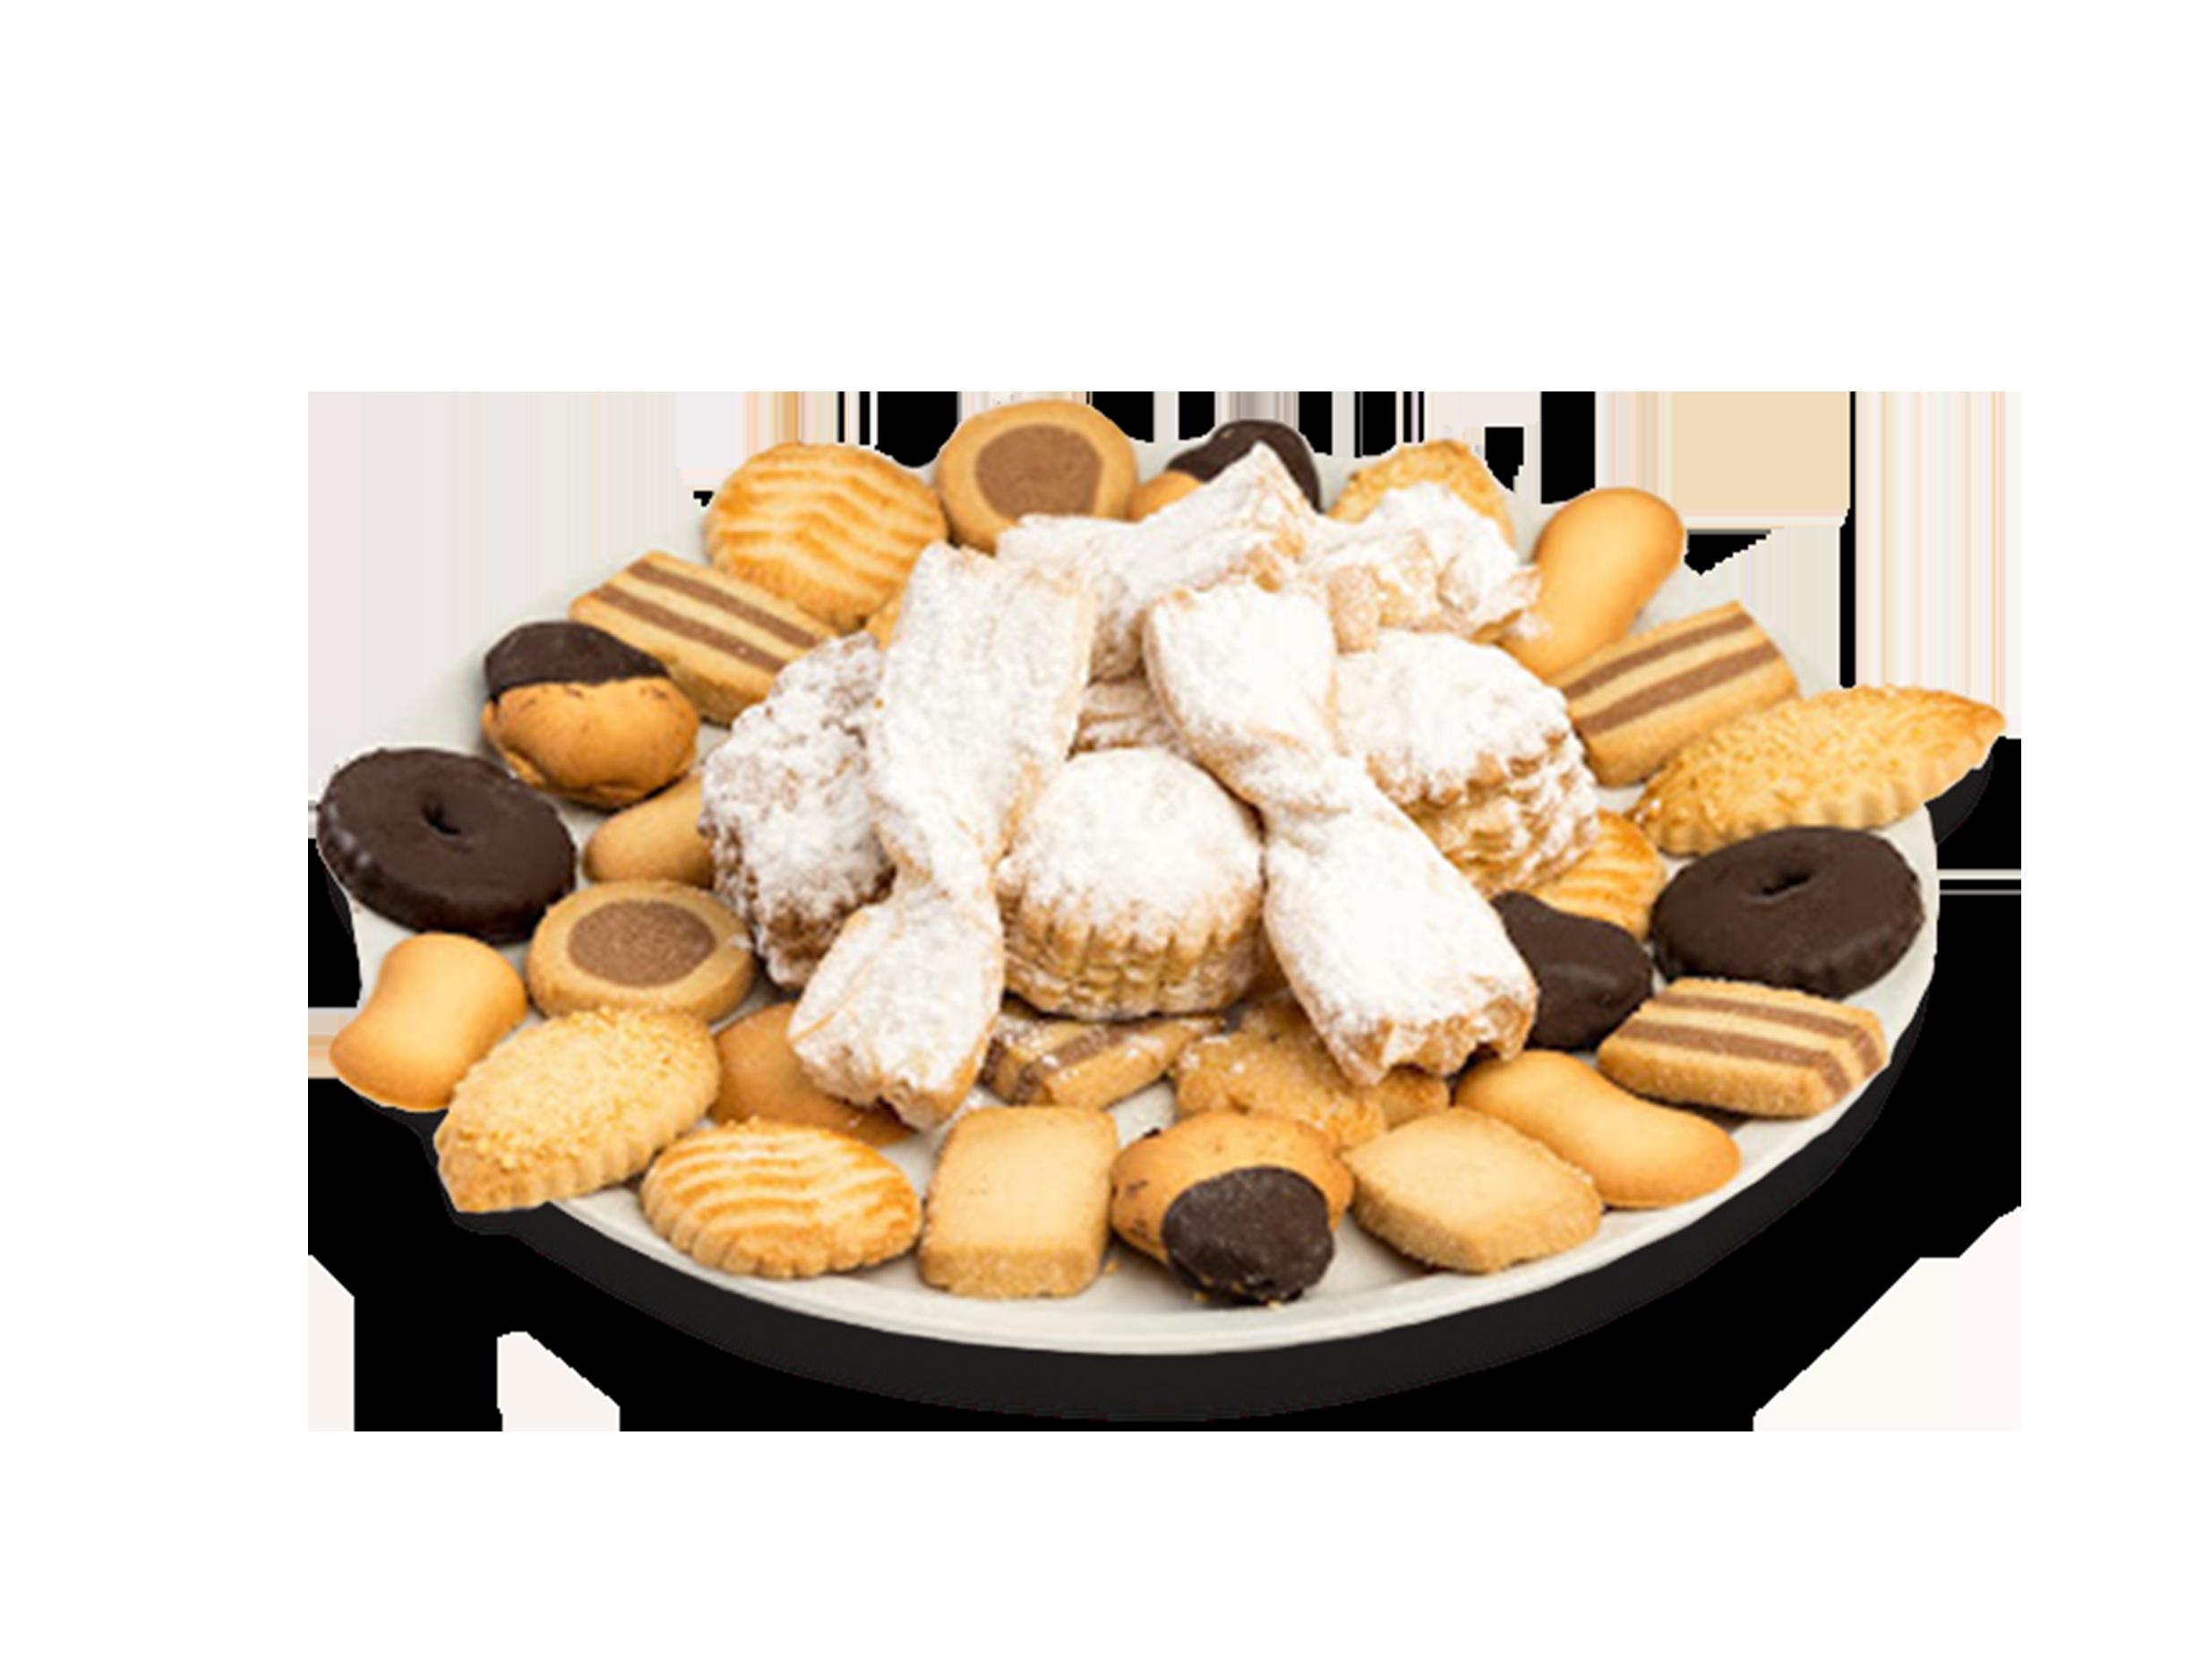 Pastas Finas de Té (A granel) -Linea Hosteleria - Pastas y Hojaldres Uko